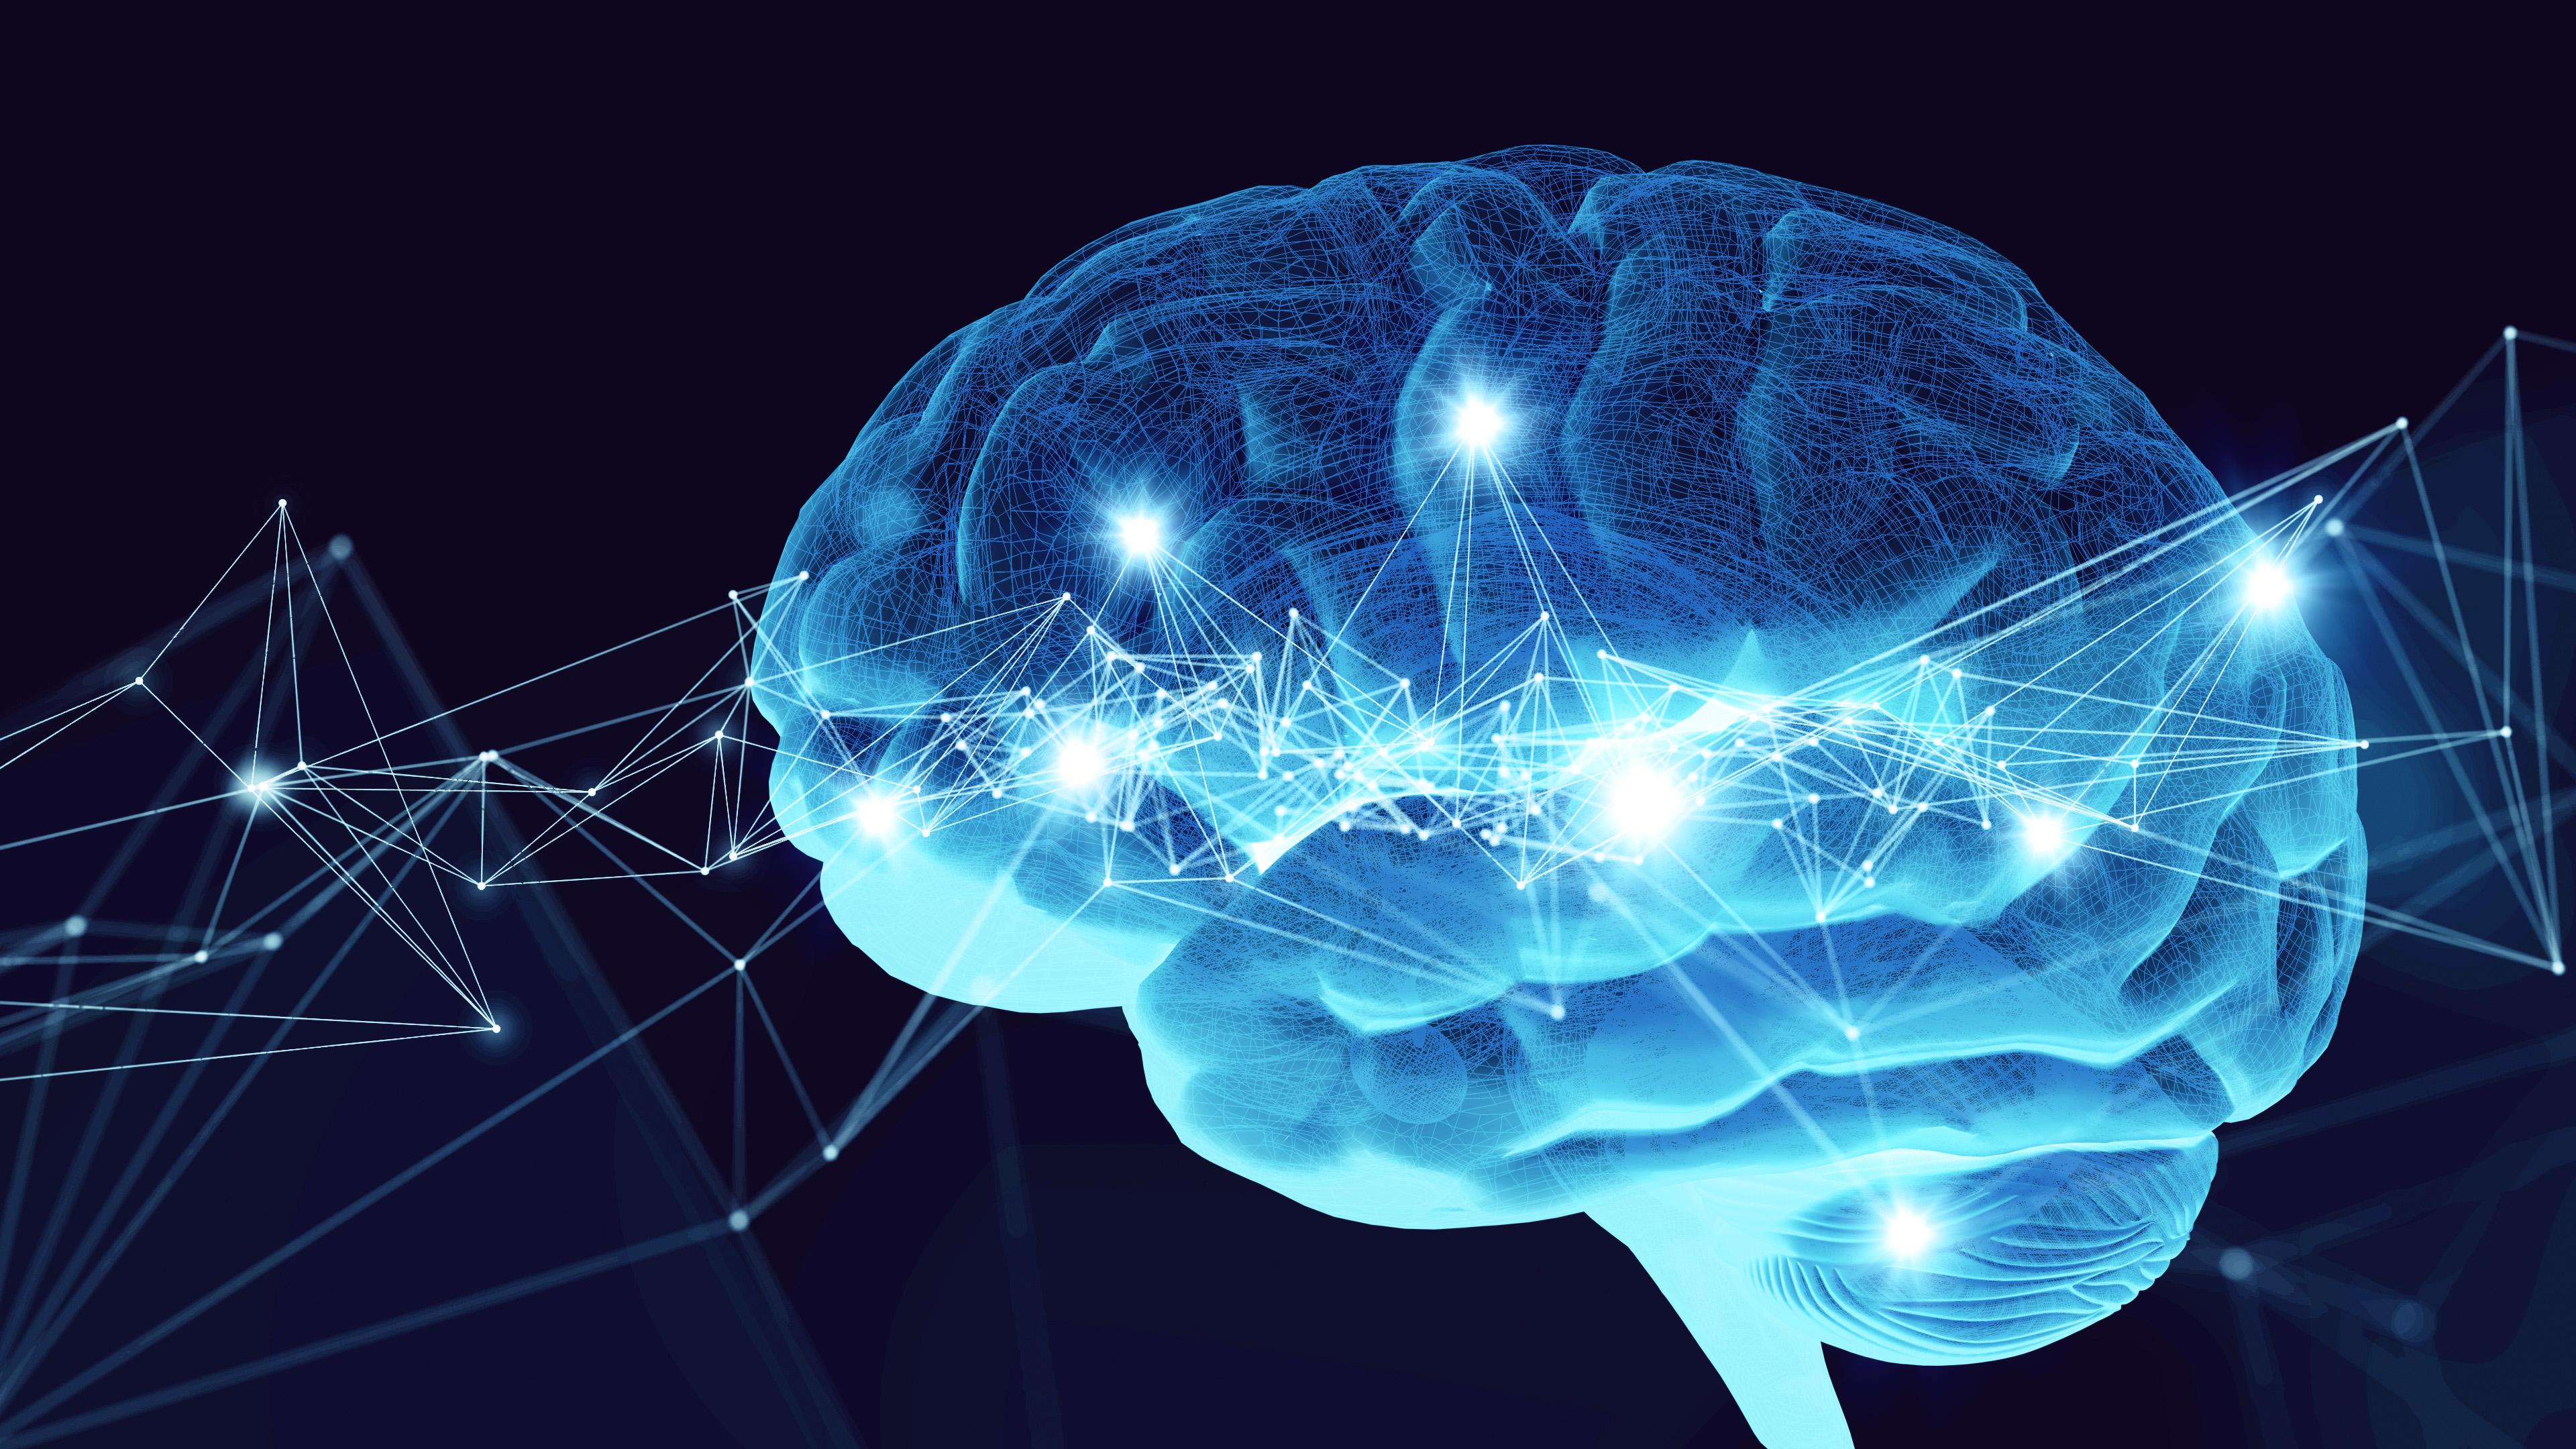 Du bist was du denkst – Philosophie und Neurobiologie